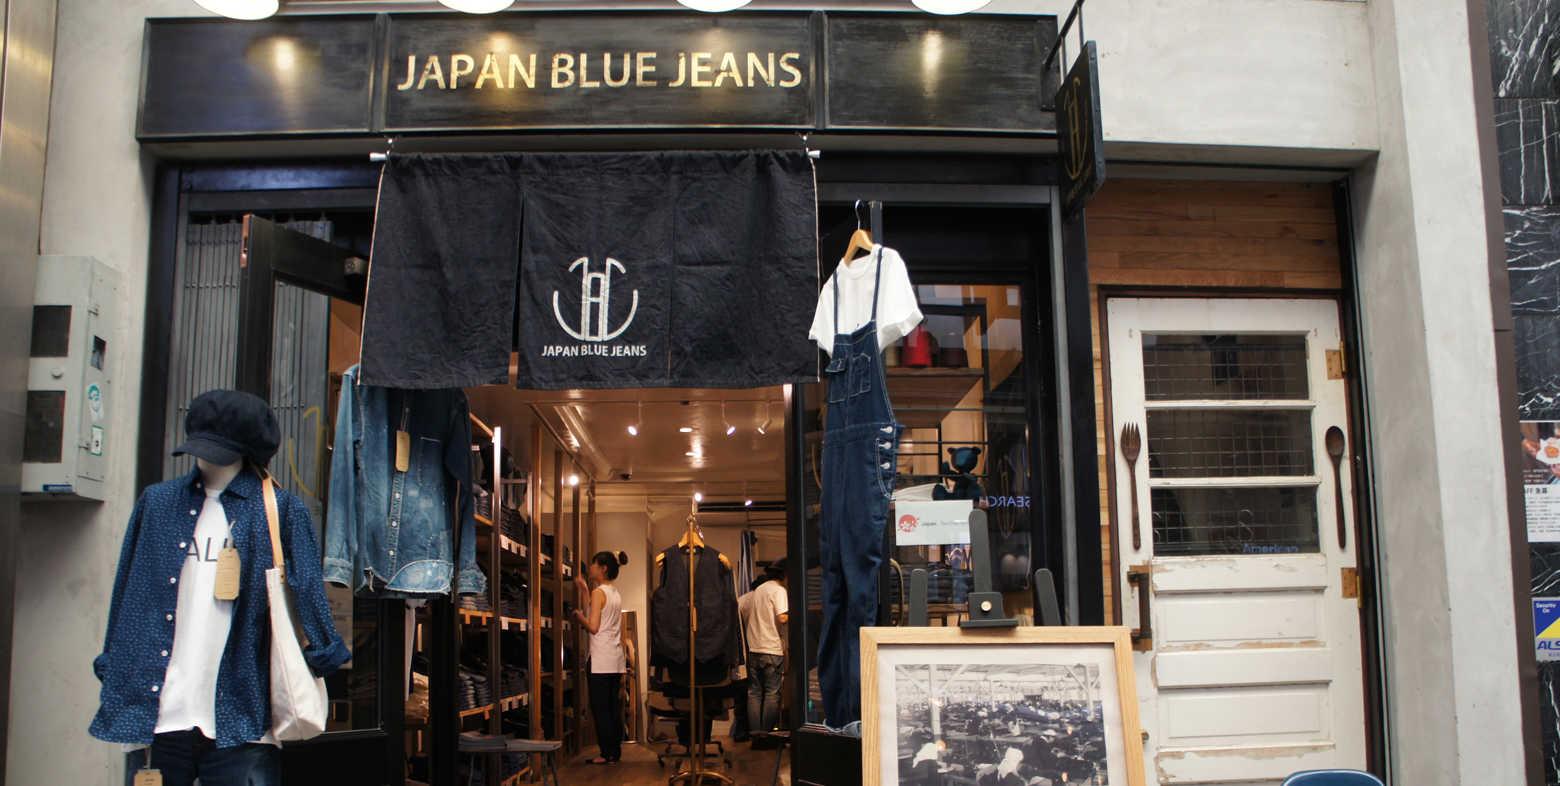 ブルー ジーンズ ジャパン 10年履けるタフさが魅力。JAPAN BLUE